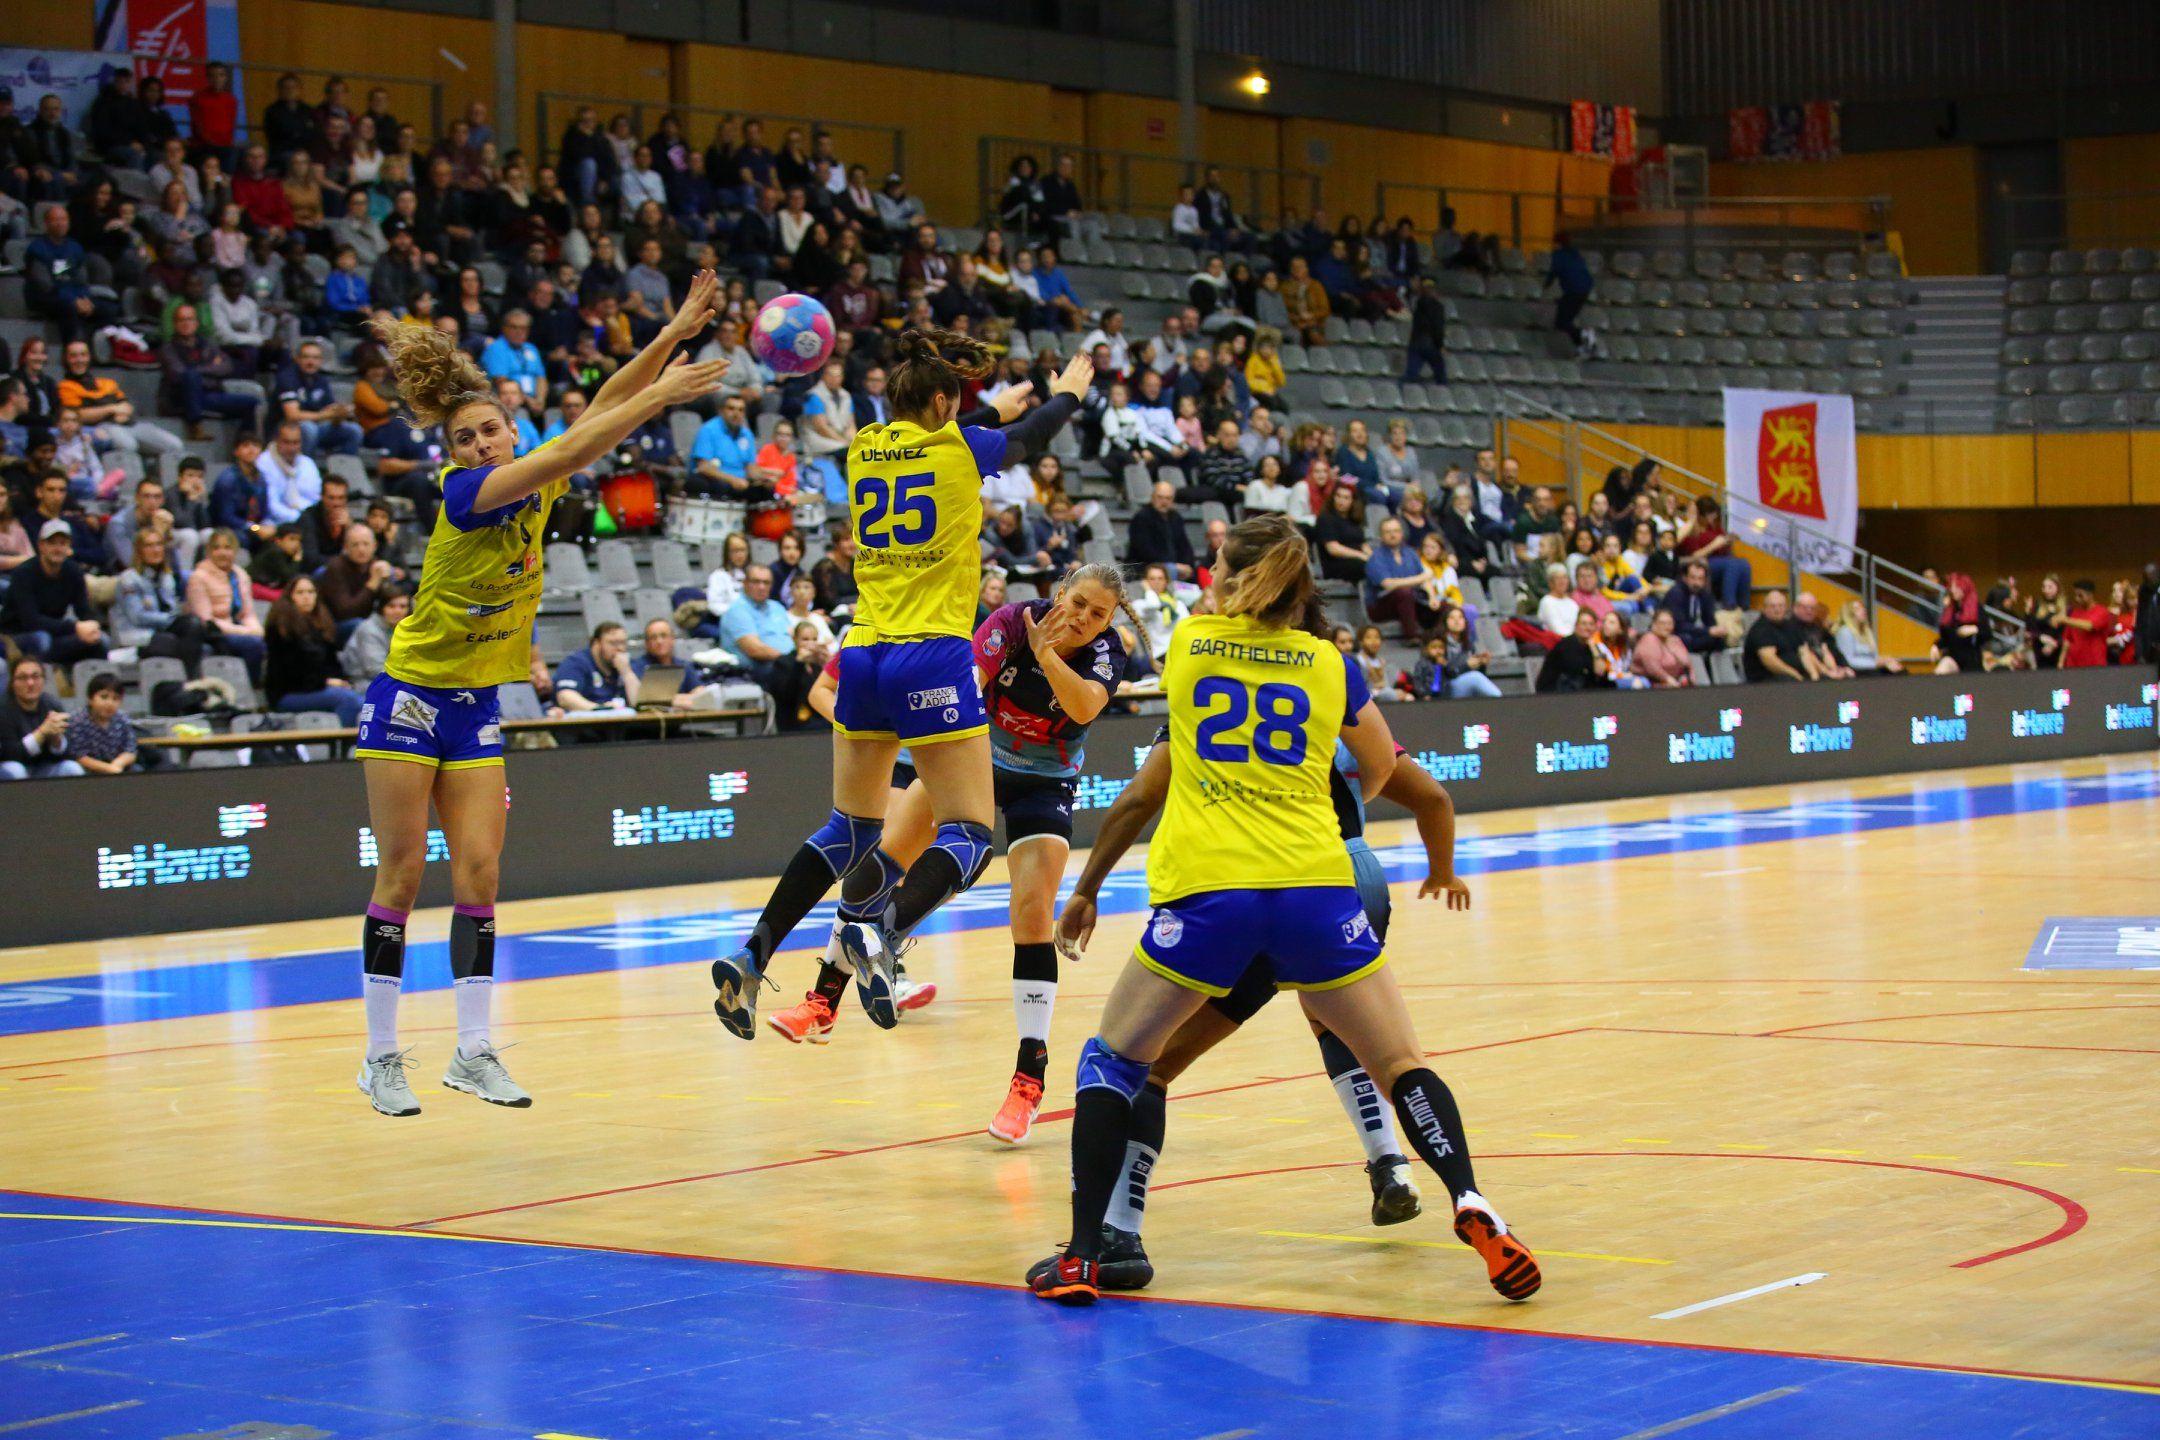 Première défaite pour le Saint-Amand Handball